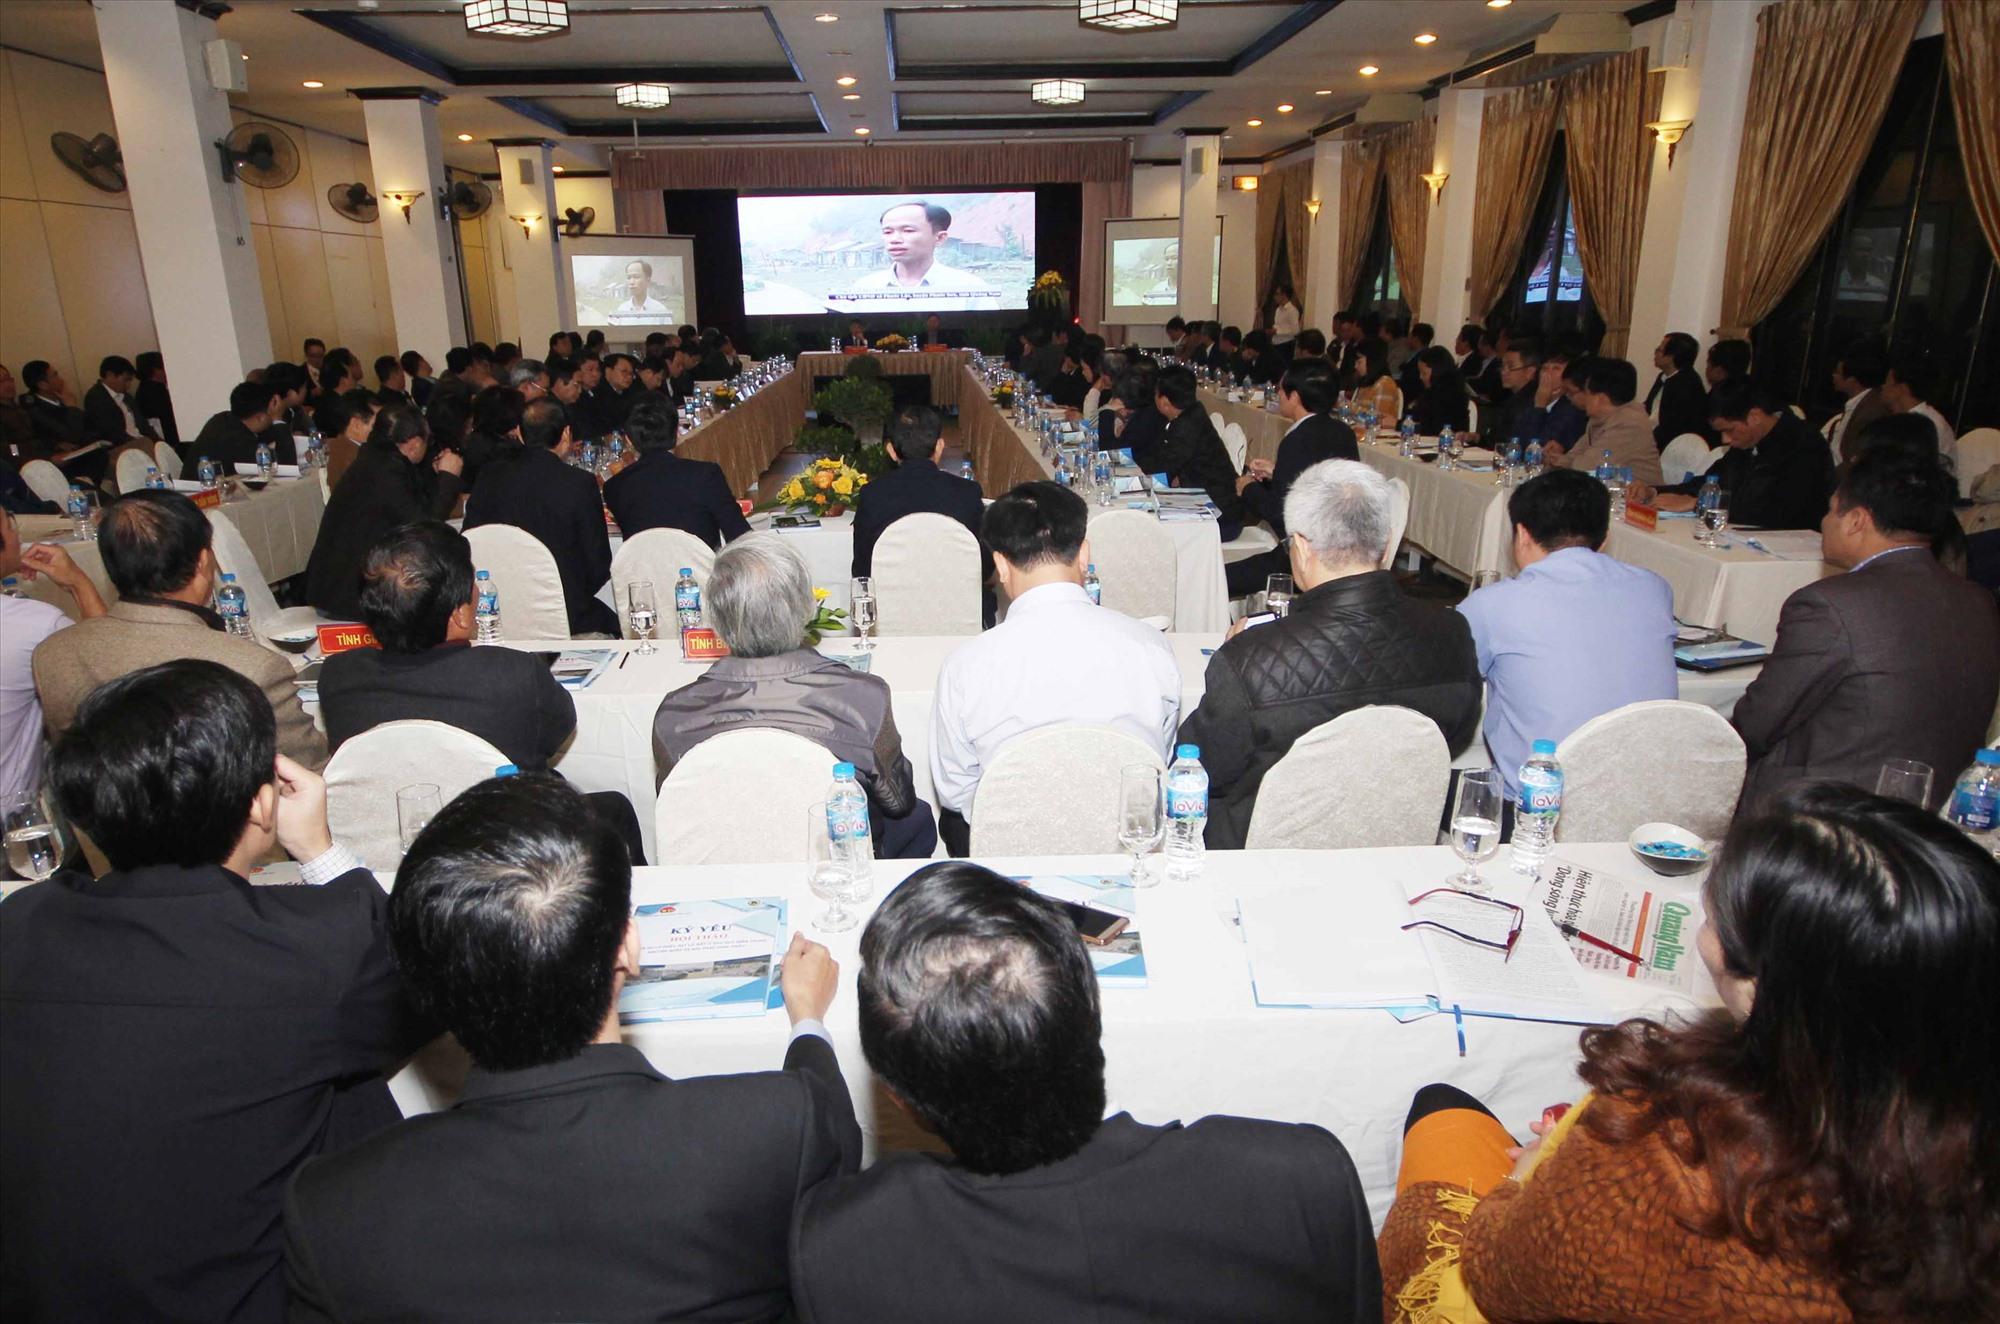 Gần 200 chuyên gia, nhà khoa học, nhà quản lý, lãnh đạo các cơ quan Trung ương, các tỉnh,thành phố cũng như các tổ chức khoa học, xã hội... tham dự hội thảo. Ảnh: T.C